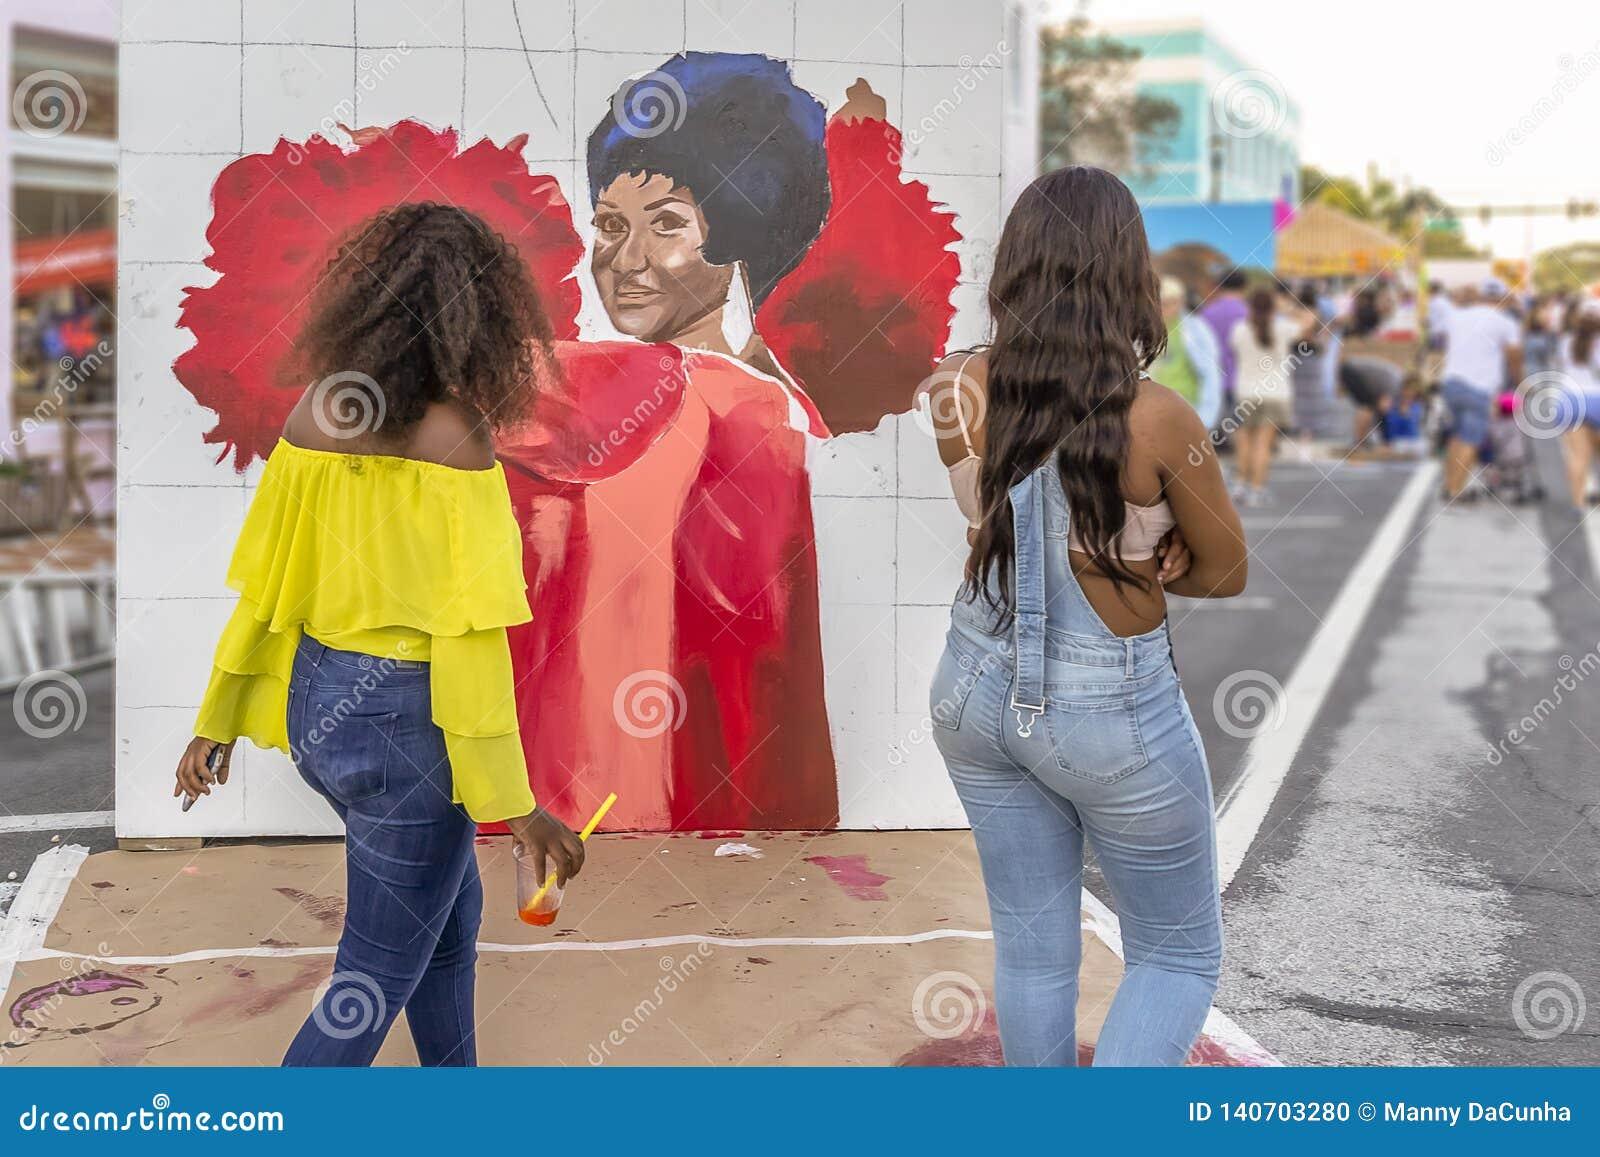 Valeur de lac, la Floride, Etats-Unis 23-24 ouvrier, 25ème festival annuel de peinture de la rue 2019